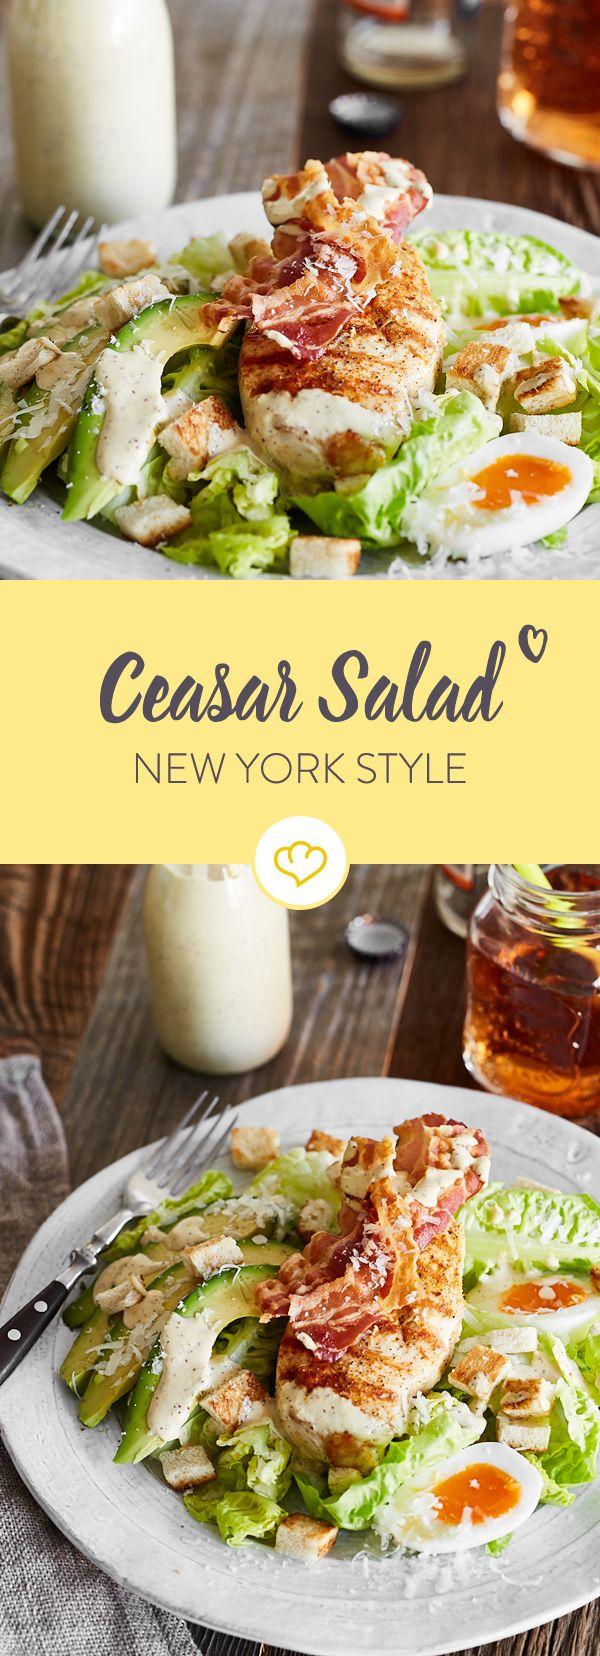 Einfach nur Caesar Salad reicht dir nicht. Bei dir gibt es dazu Hähnchen, Bacon, Avocado und Ei - darüber ein selbstgemachtes Dressing gegossen und fertig!